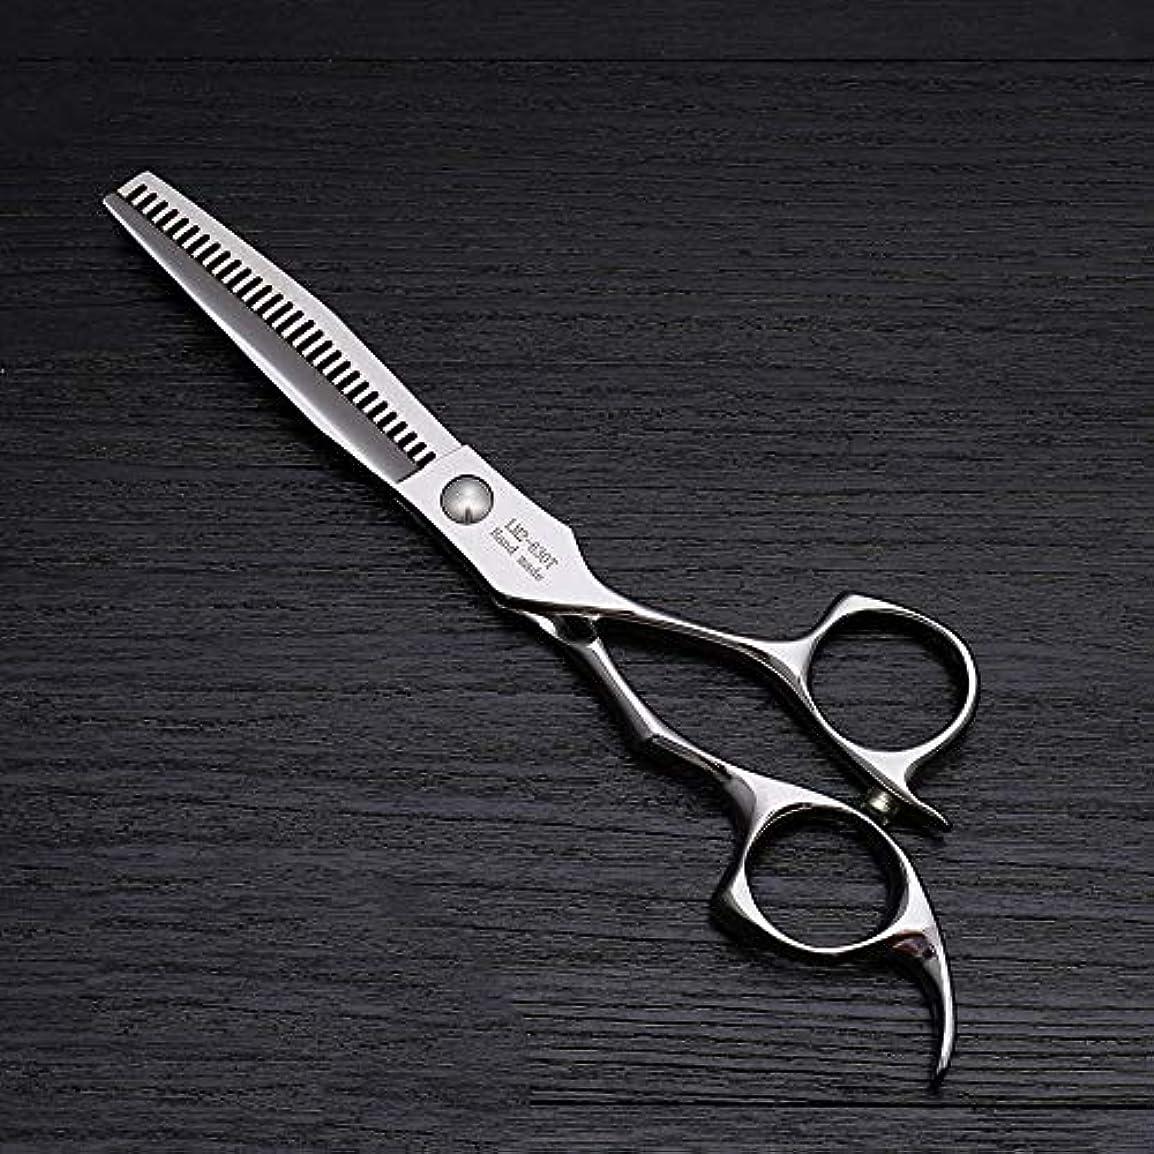 母音部分的にマティス6インチのステンレス鋼の理髪はさみ、美容院の毛の切断用具 ヘアケア (色 : Silver)